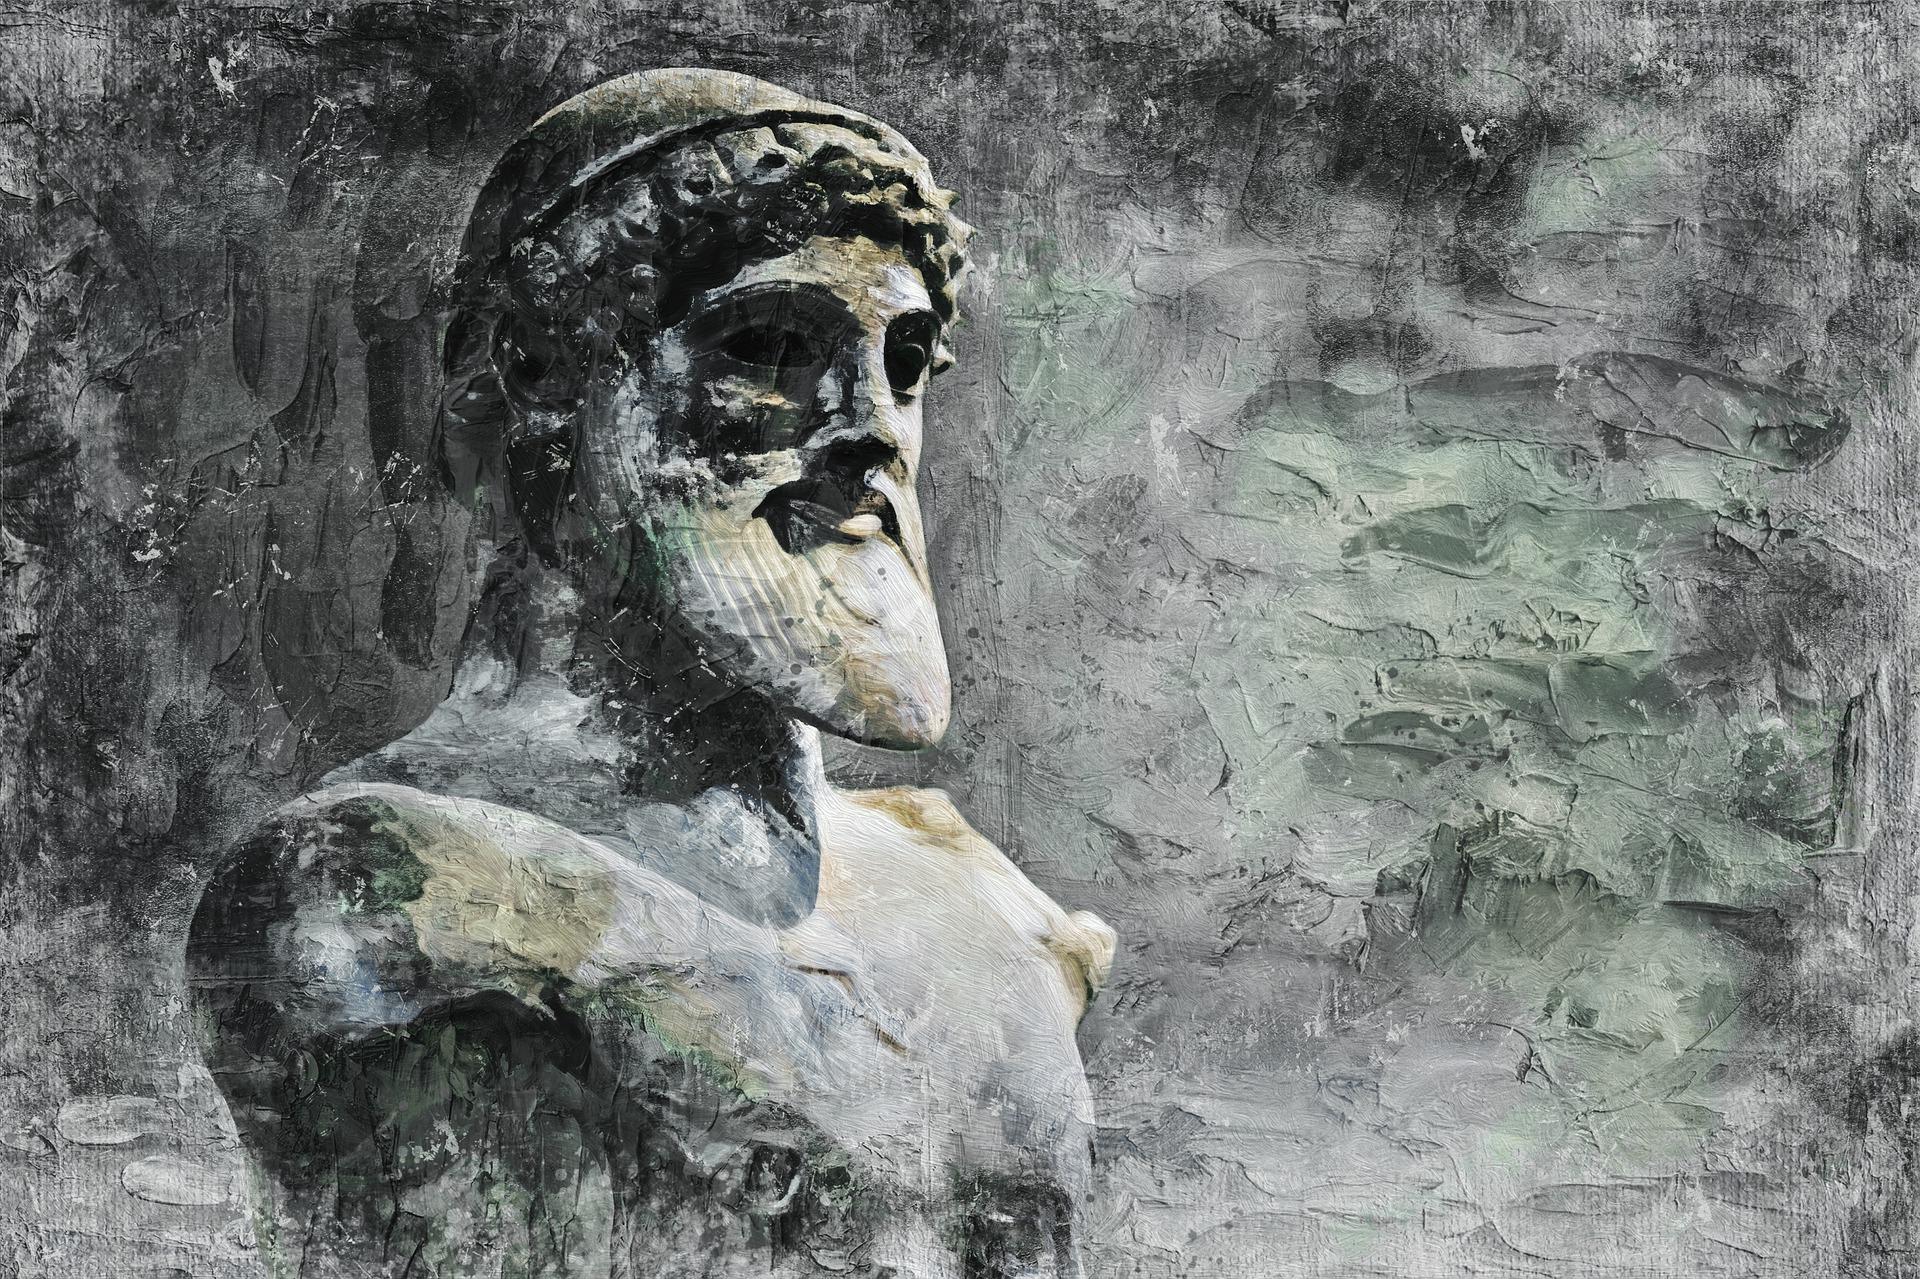 HISTÒRIA DE LES RELIGIONS (II): DÉU I LA RELIGIÓ, UNA APROXIMACIÓ FILOSÒFICA